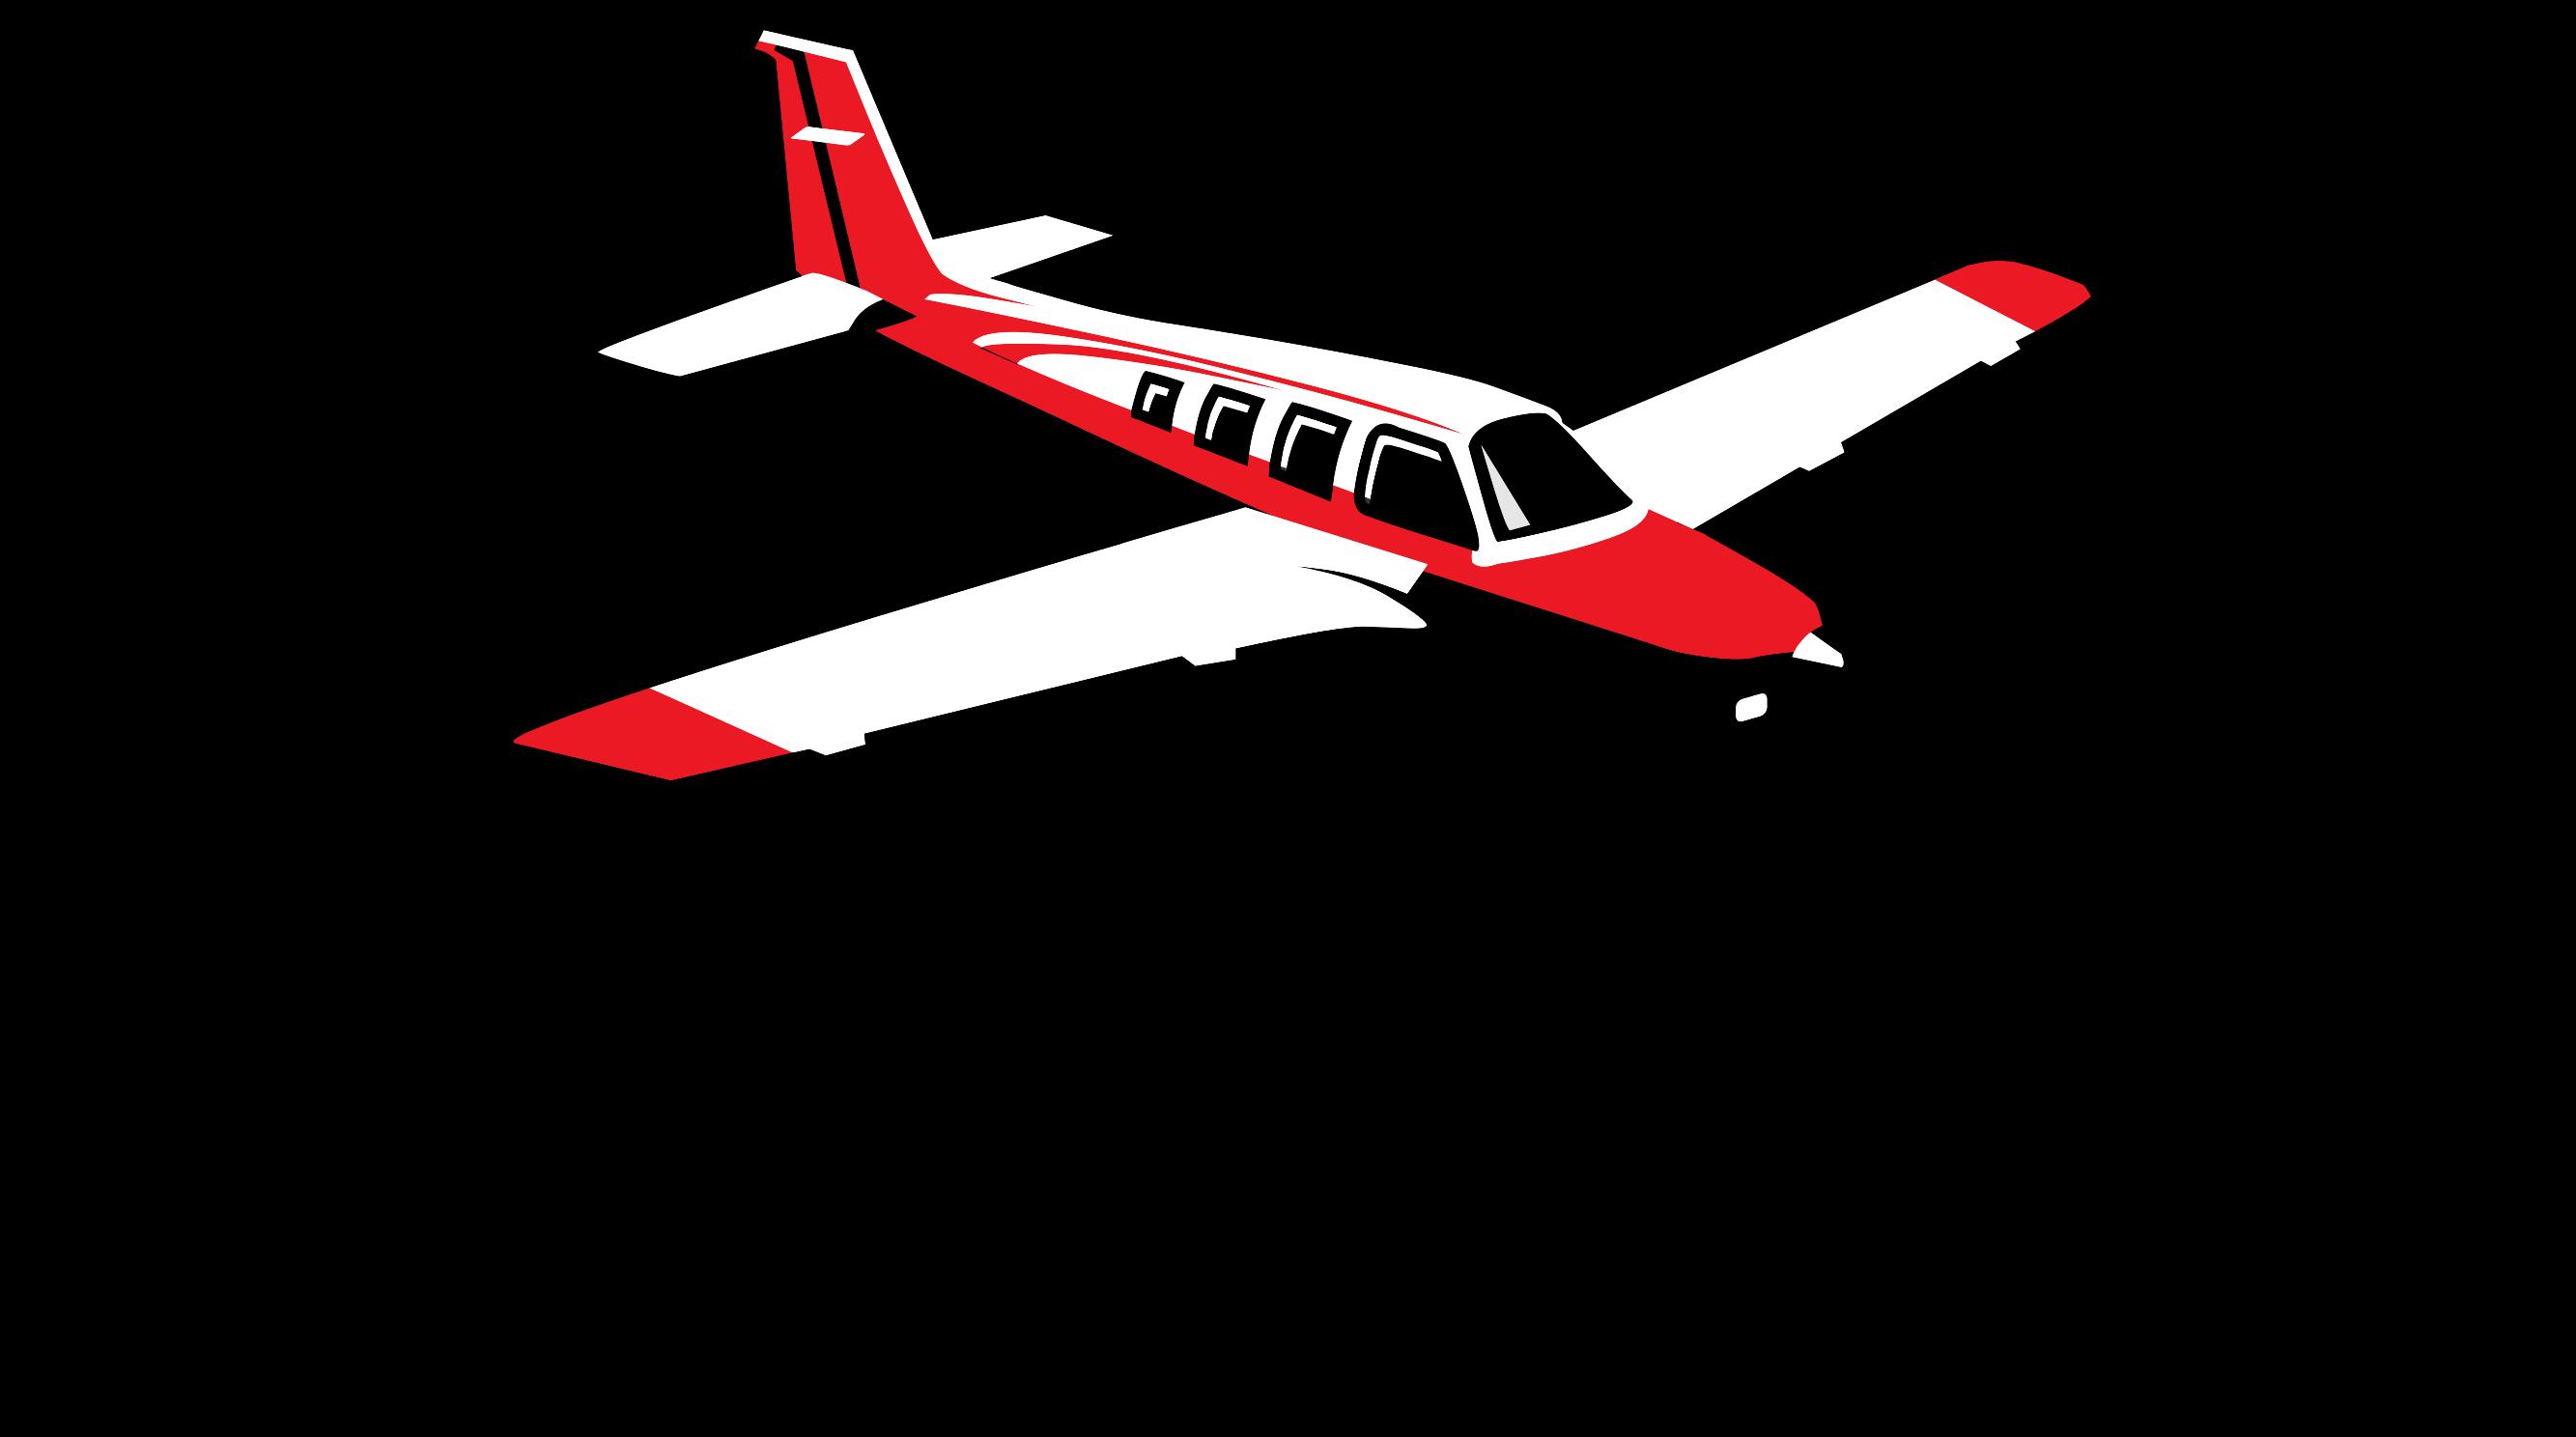 Toni's Flugschule